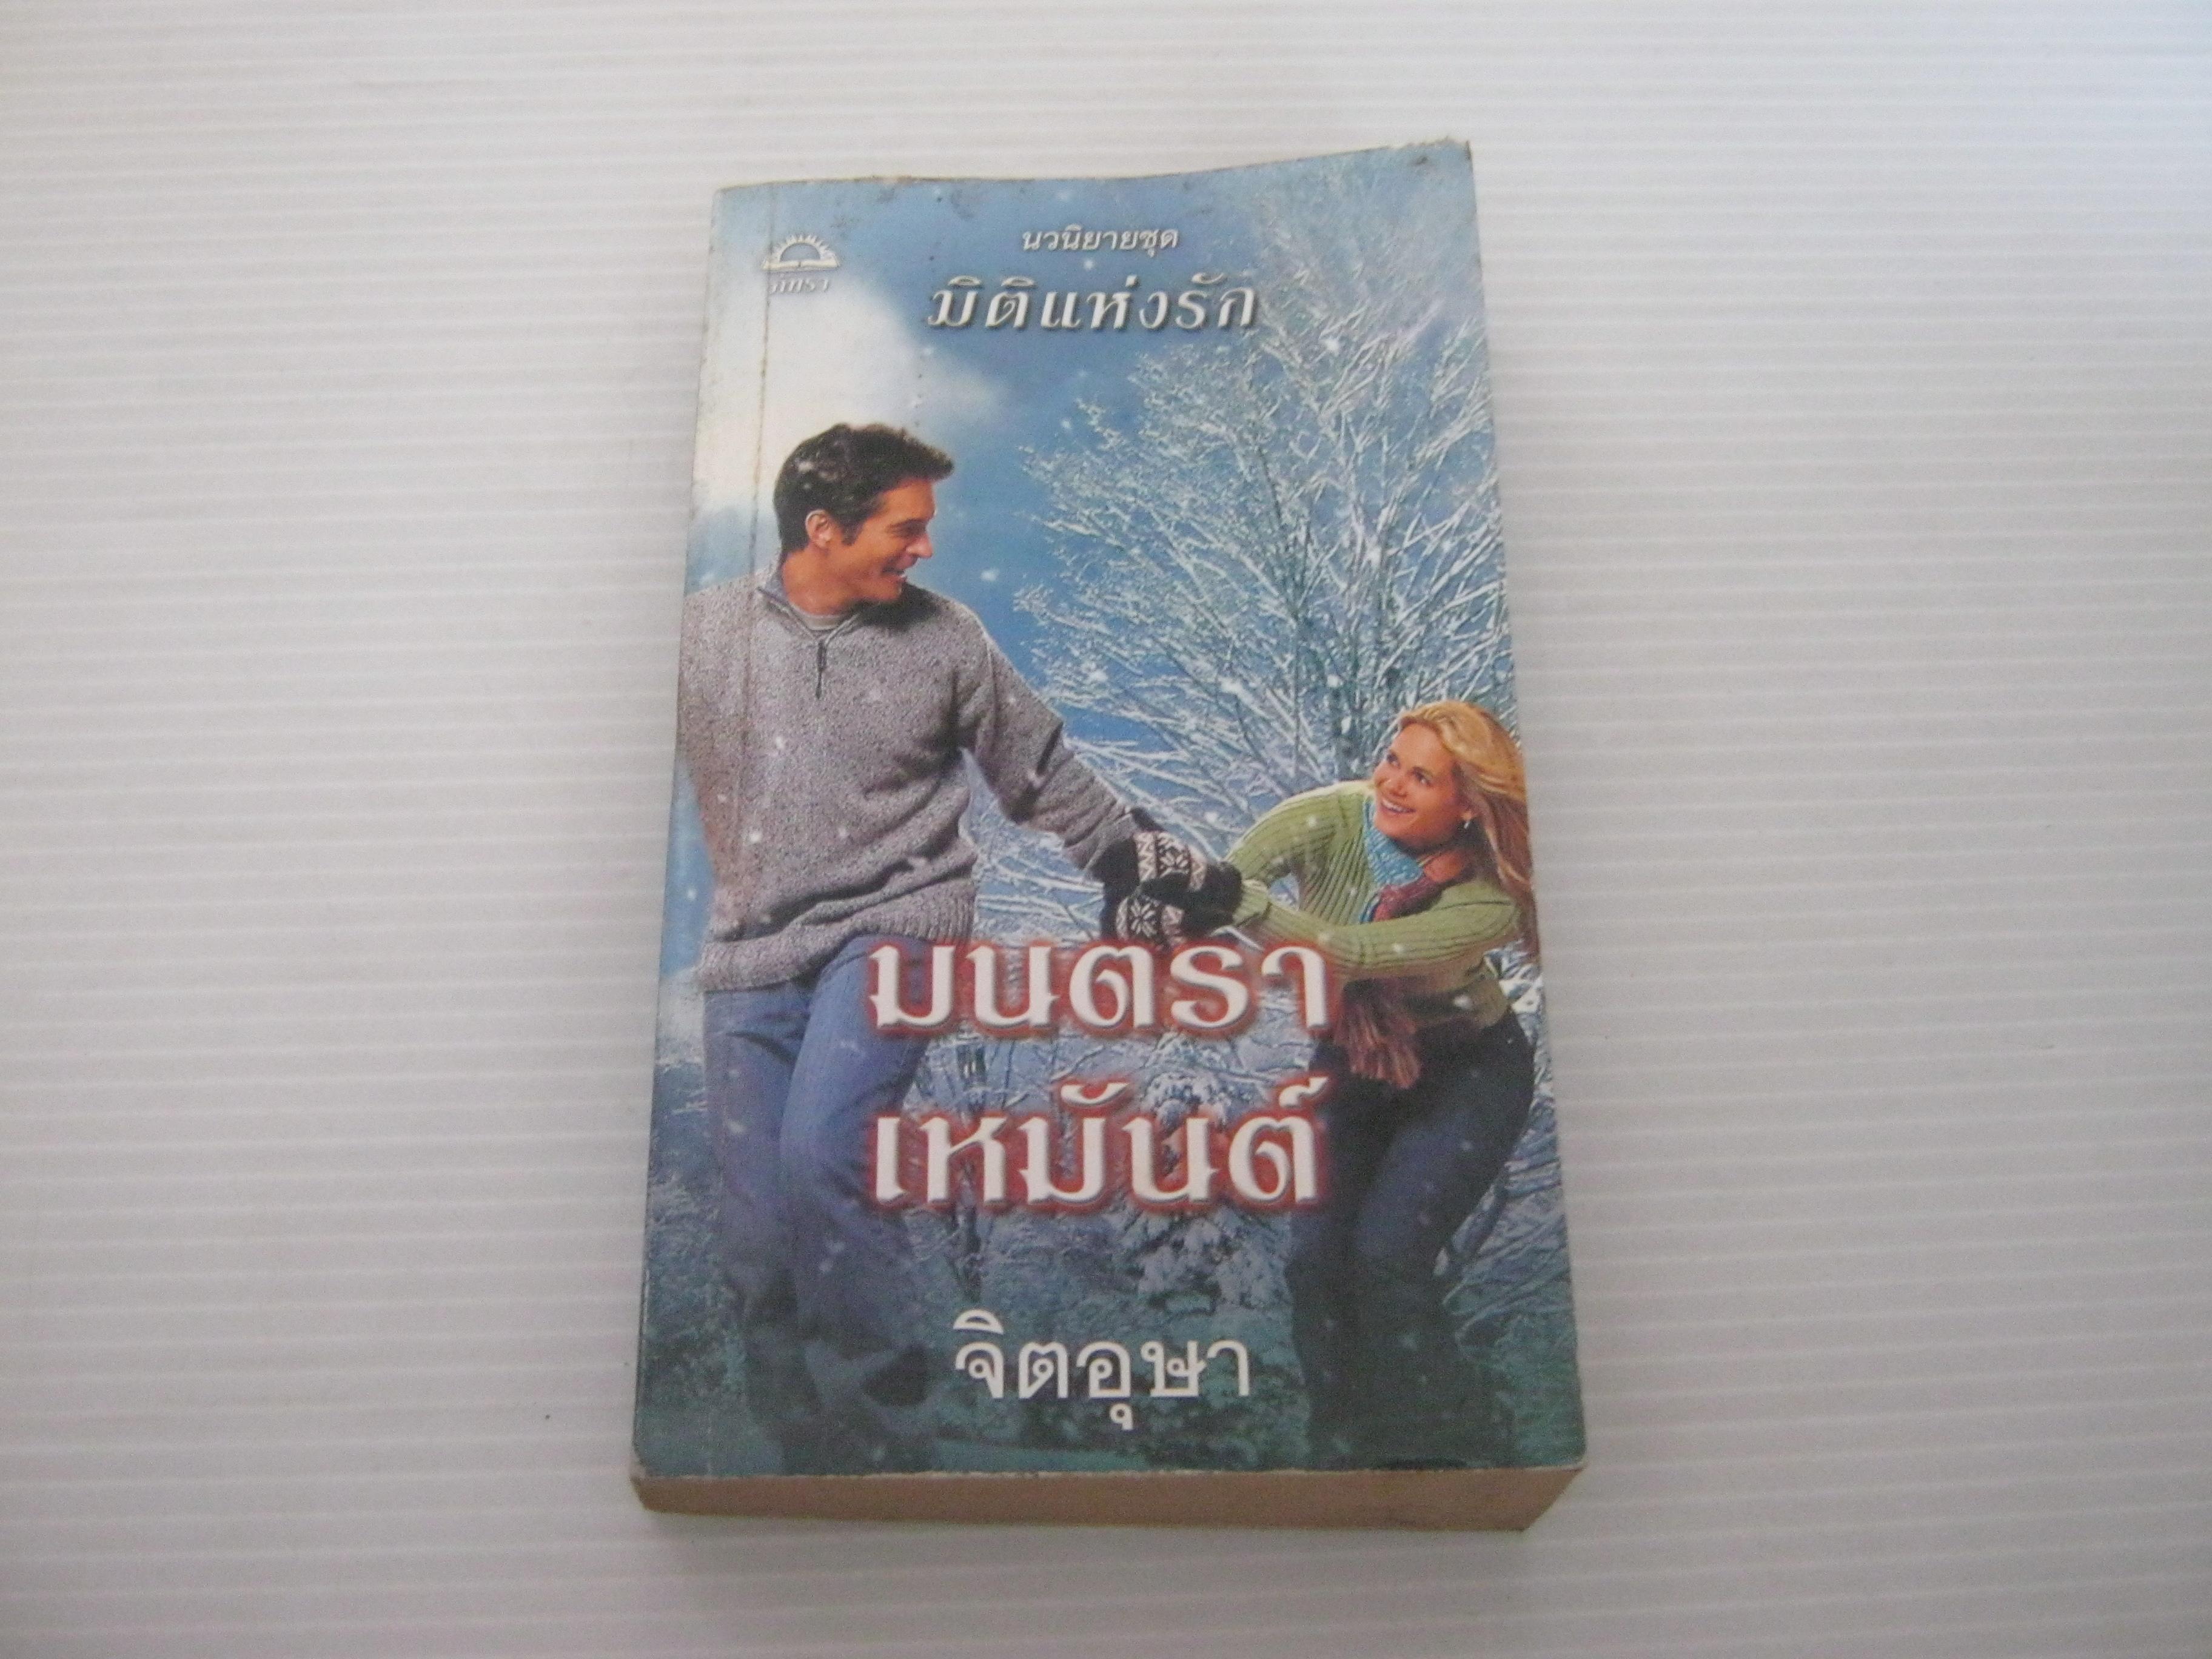 นวนิยายชุด มิติแห่งรัก ตอน มนตราเหมันต์ เจเน็ท แชปแมน เขียน จิตอุษา แปล